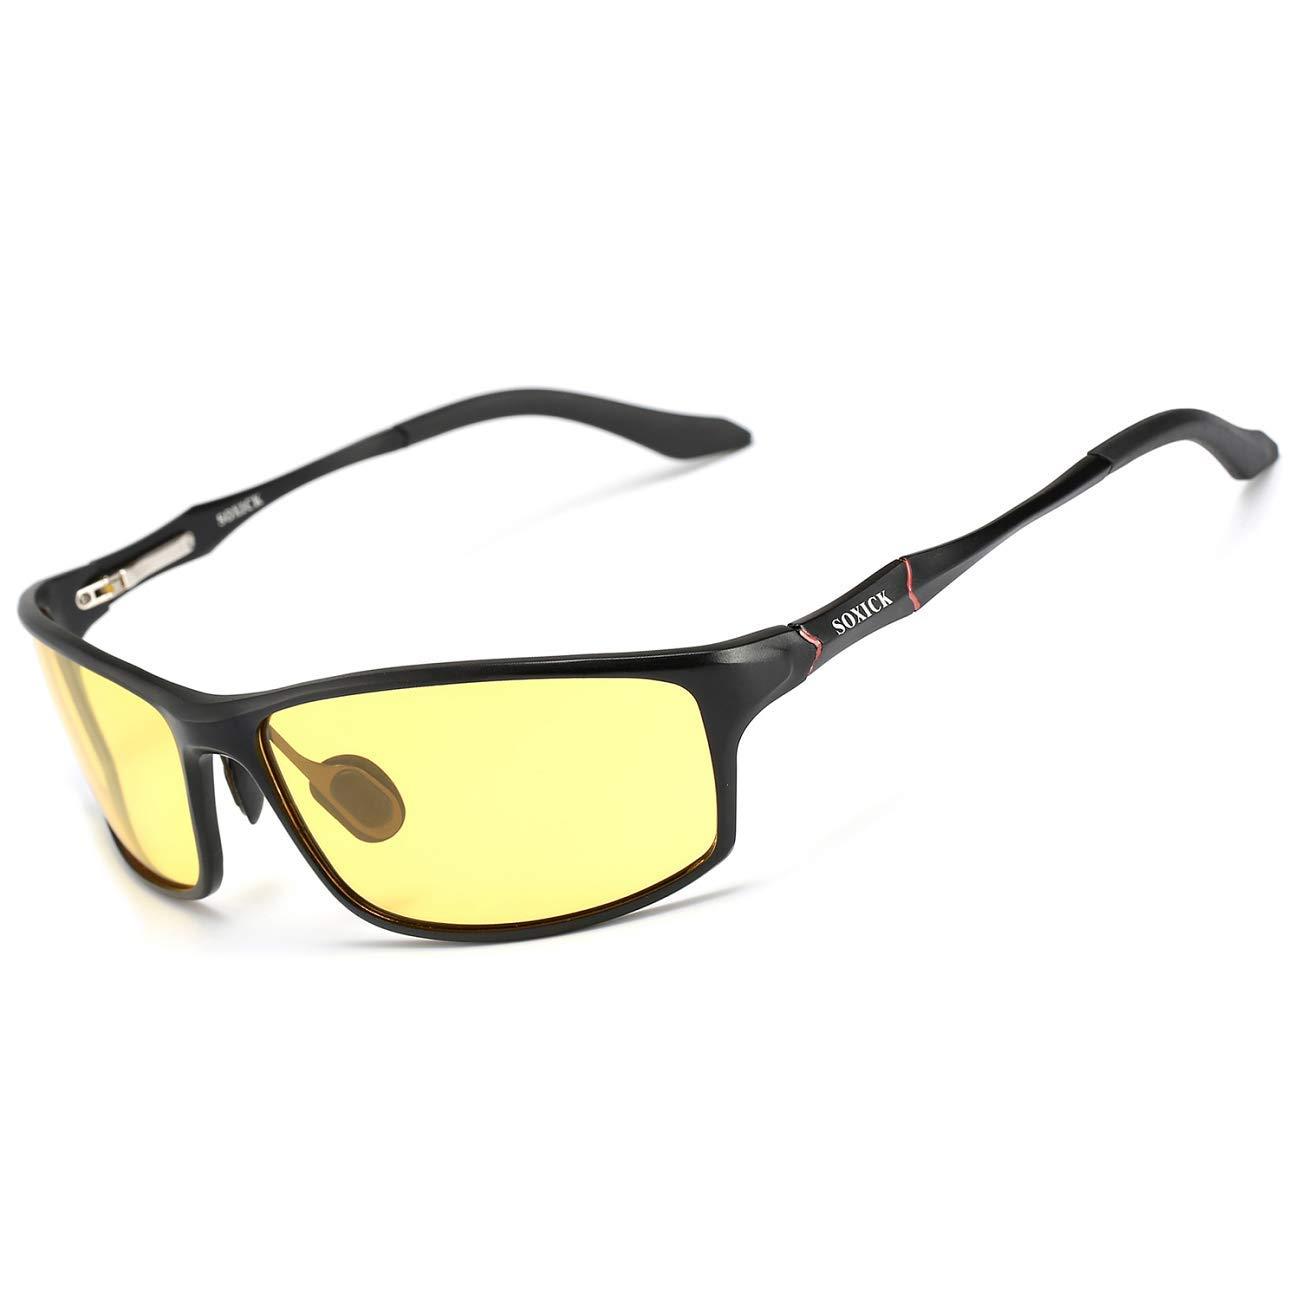 meilleures lunettes de conduite de nuit anti-éblouissement